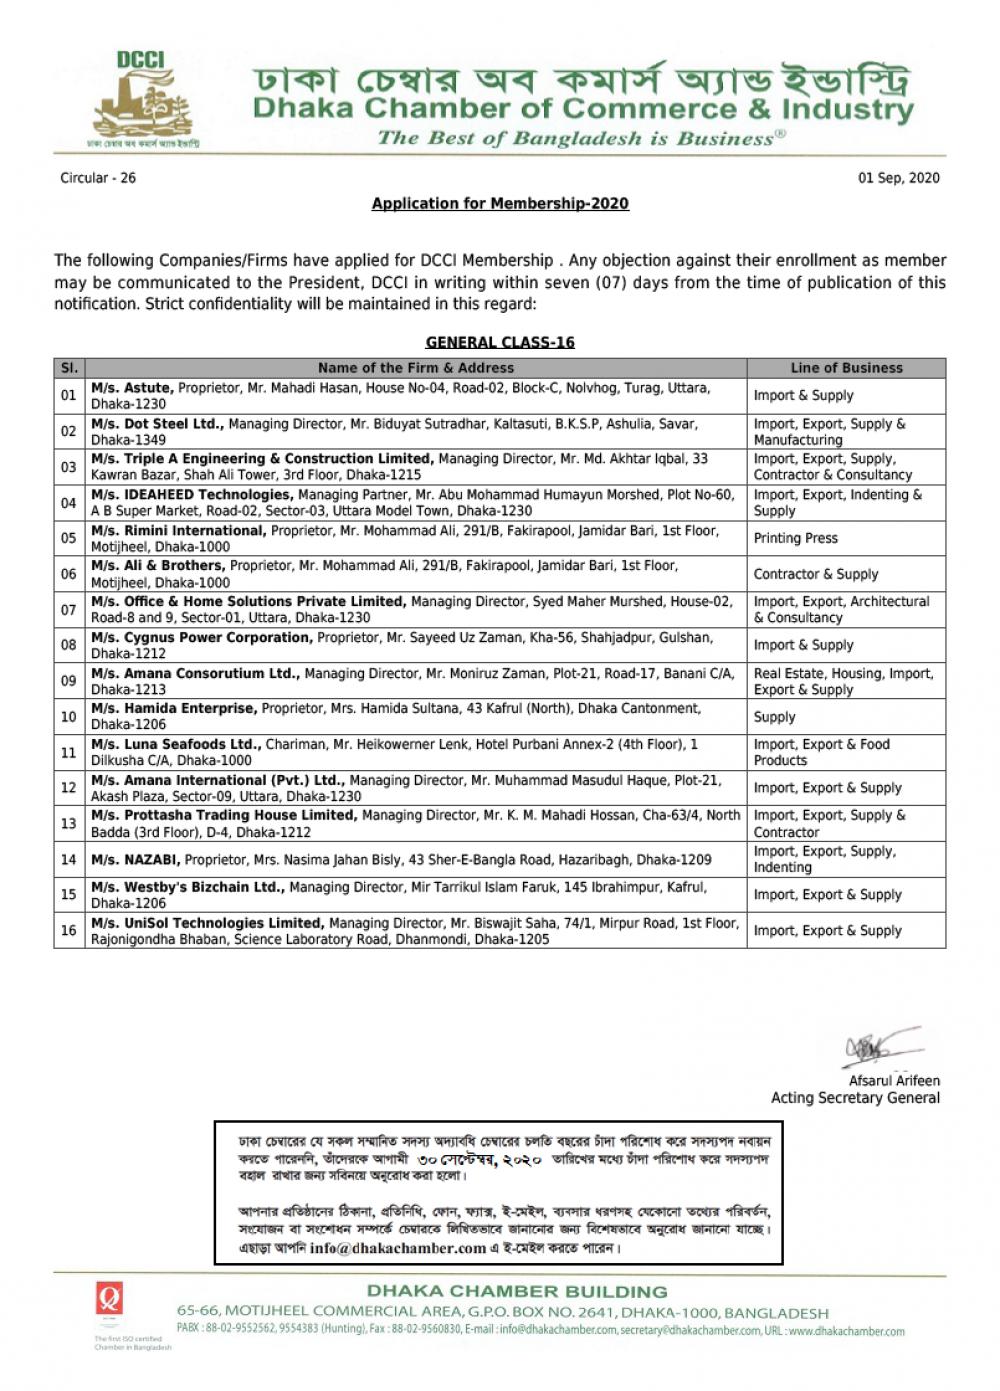 Application for Membership-2020 (Circular-26)